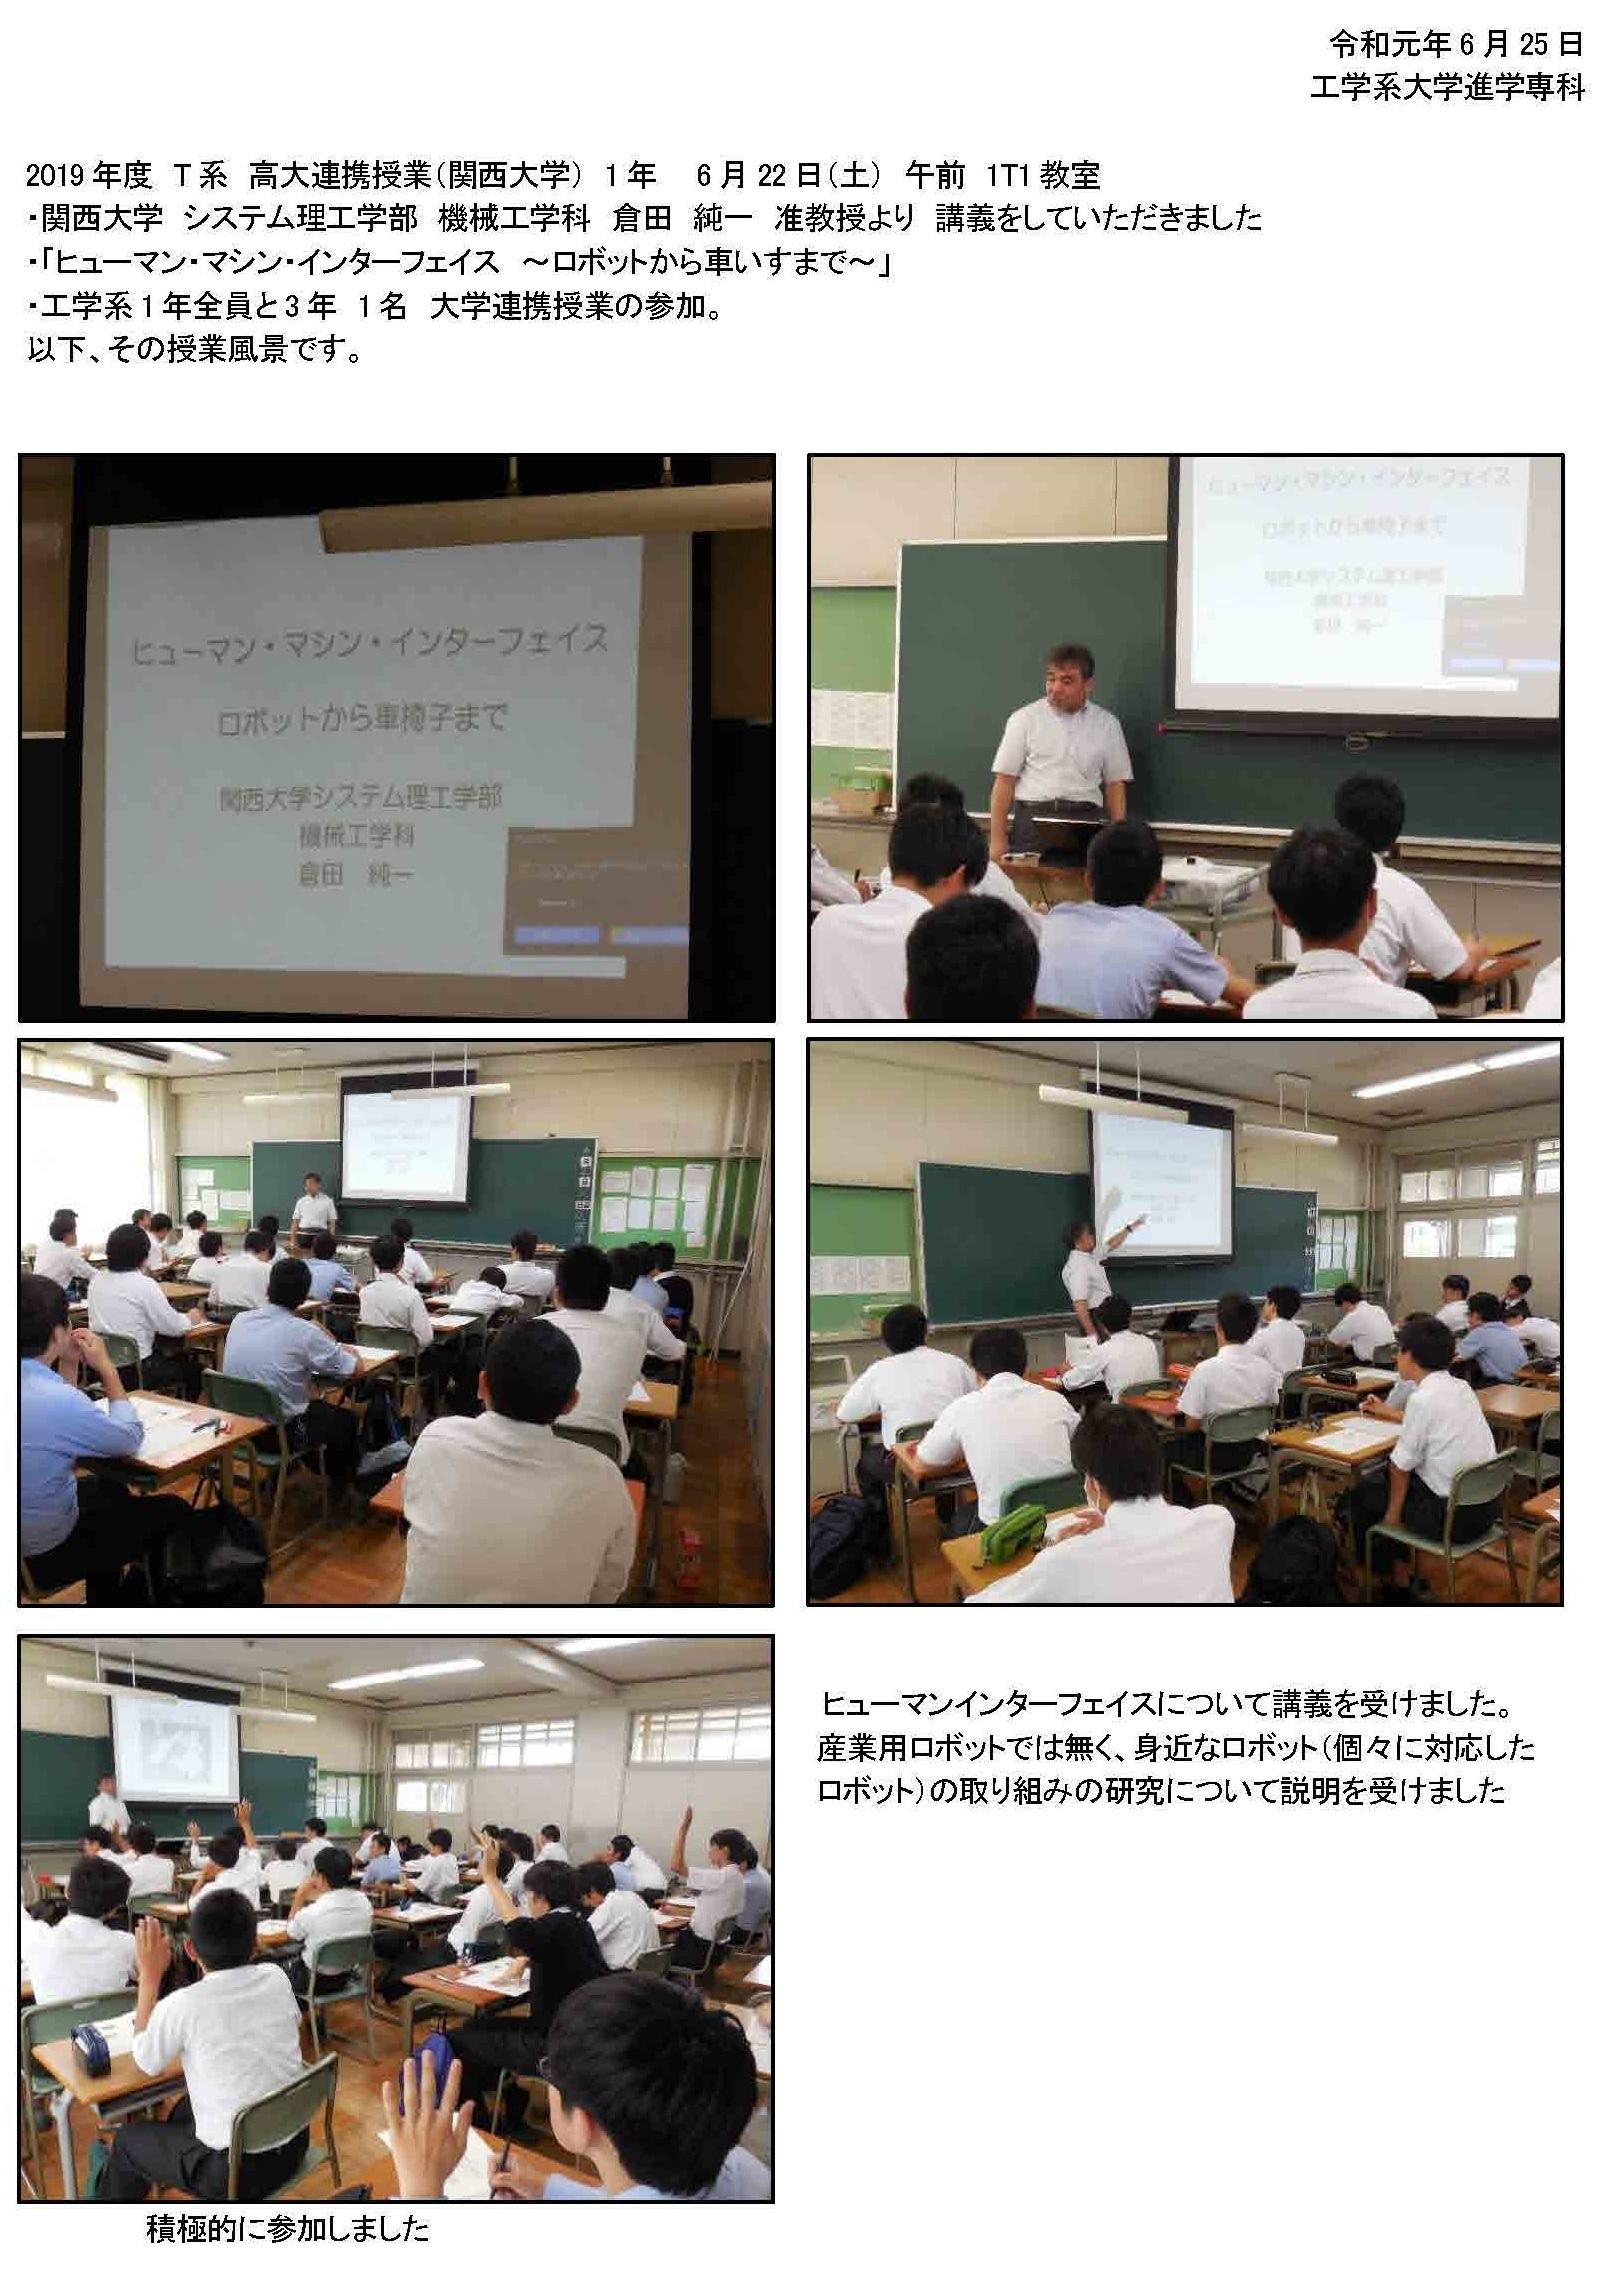 2019工学系1年関西大学出前授業